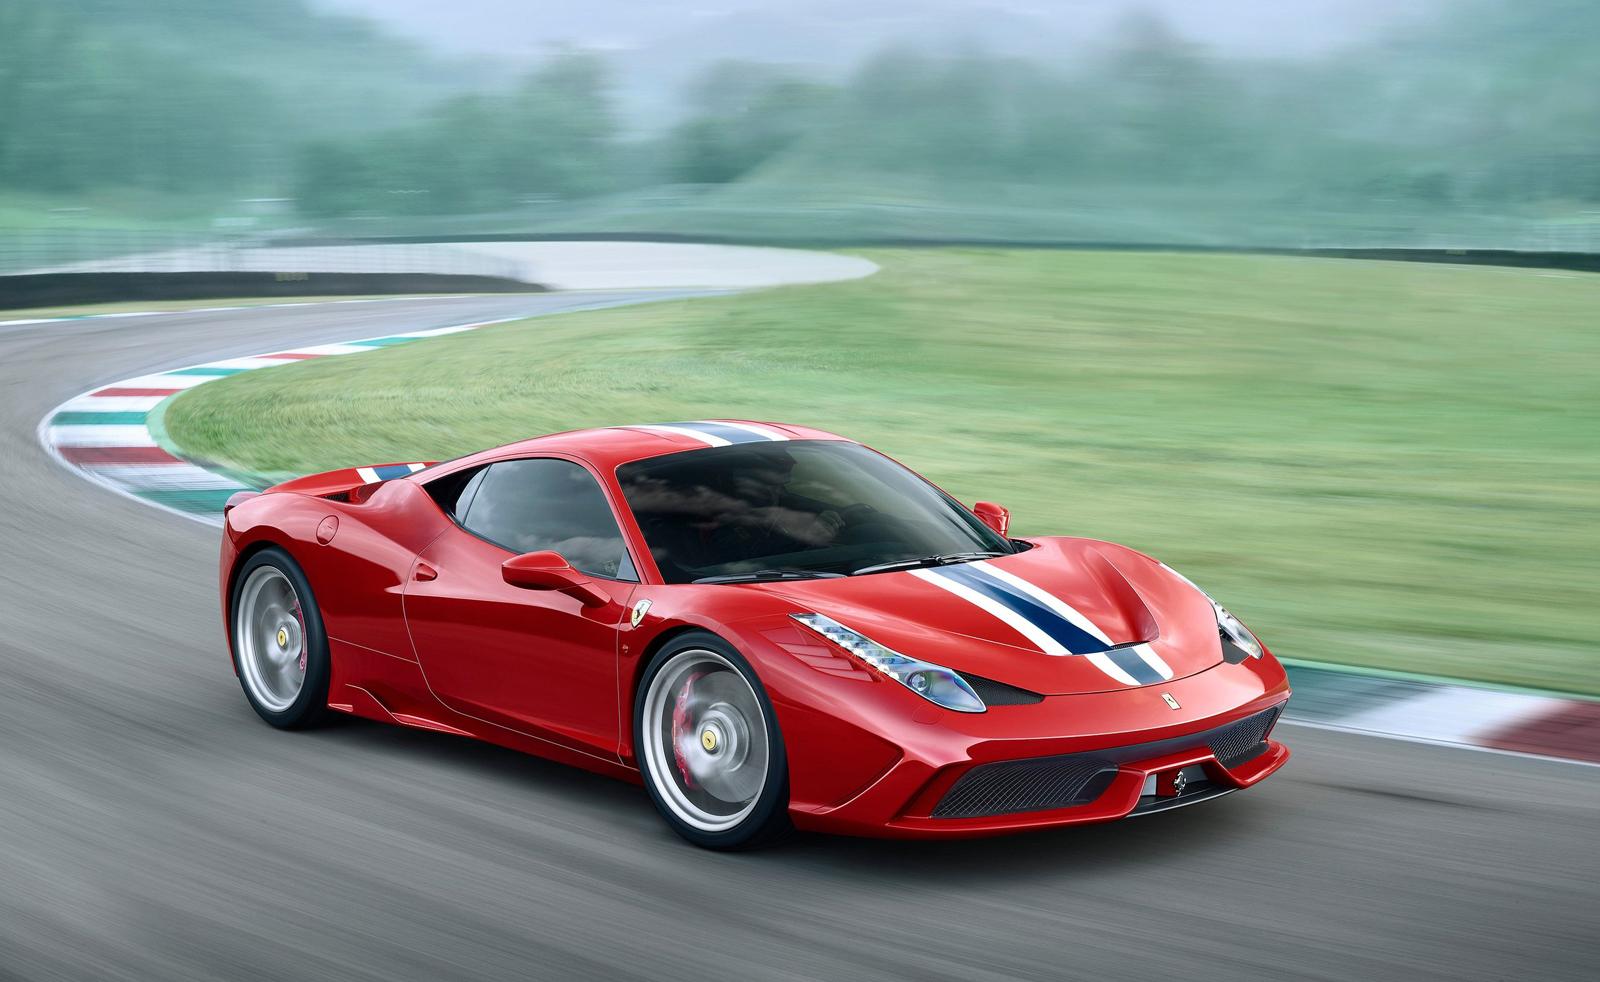 2015 Ferrari 458 Speciale >> Report: Ferrari 458 Speciale Spider Confirmed for Paris Debut - GTspirit